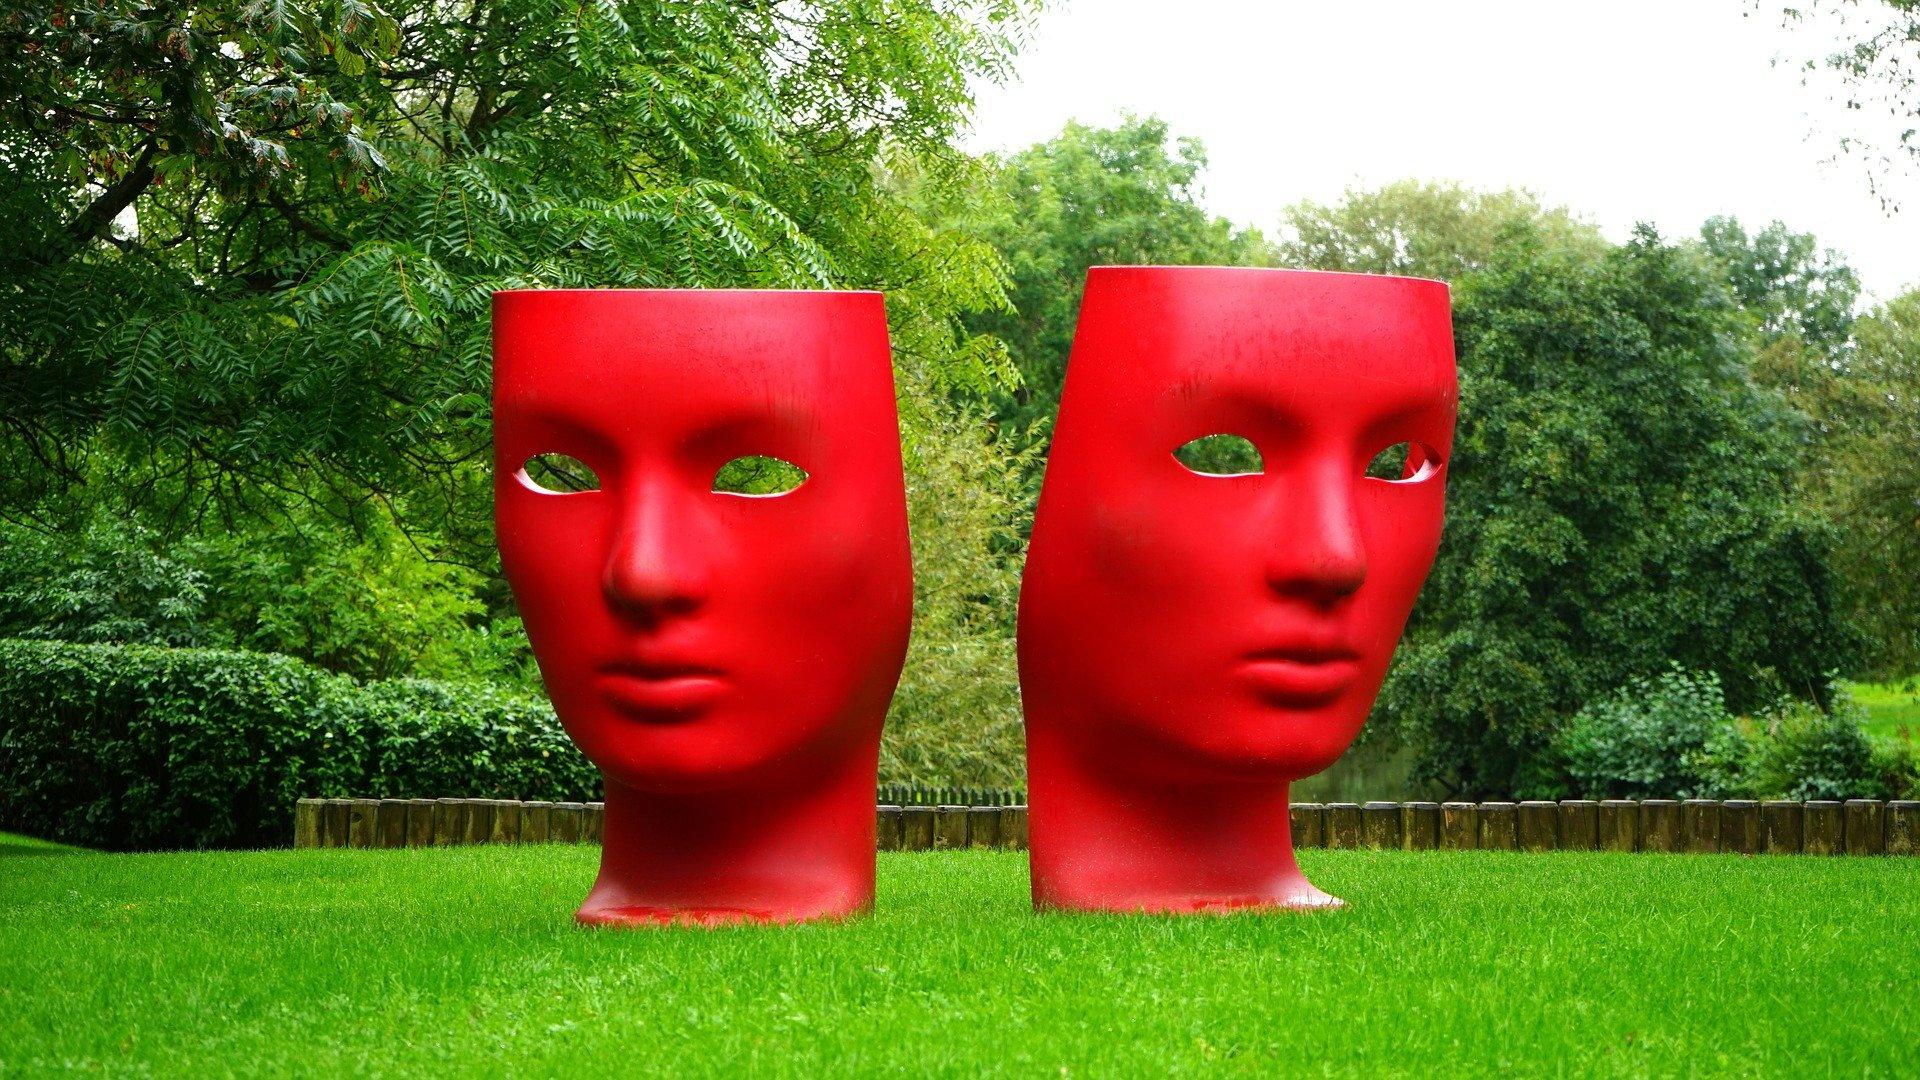 deux-masques-poses-sur-la-pelouse